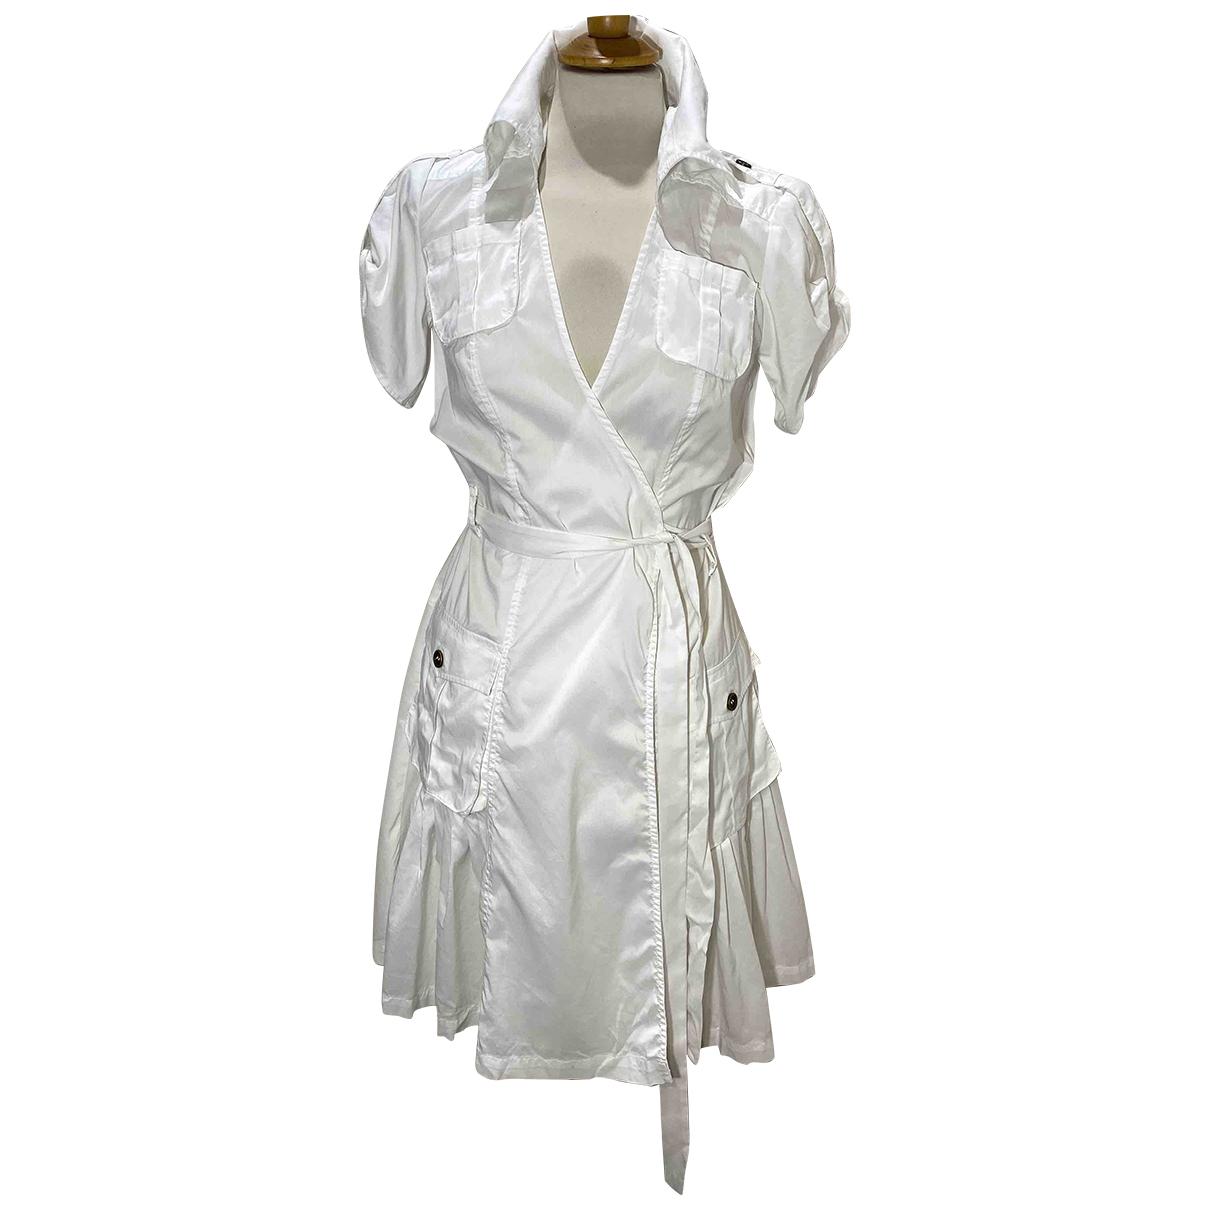 Diane Von Furstenberg \N White Cotton - elasthane dress for Women 8 US